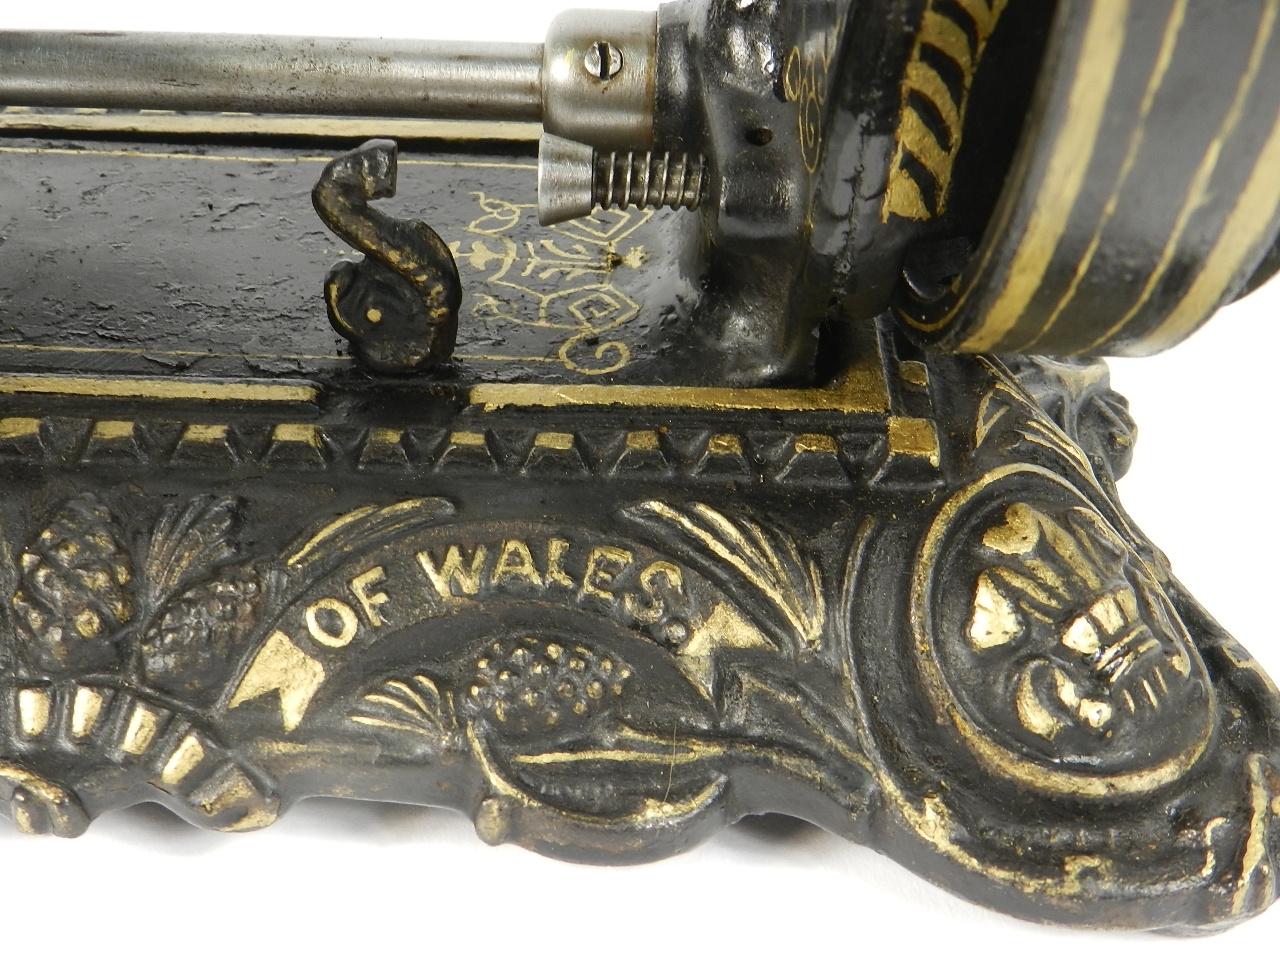 Imagen PRINCESS OF WALES AÑO 1878 33139